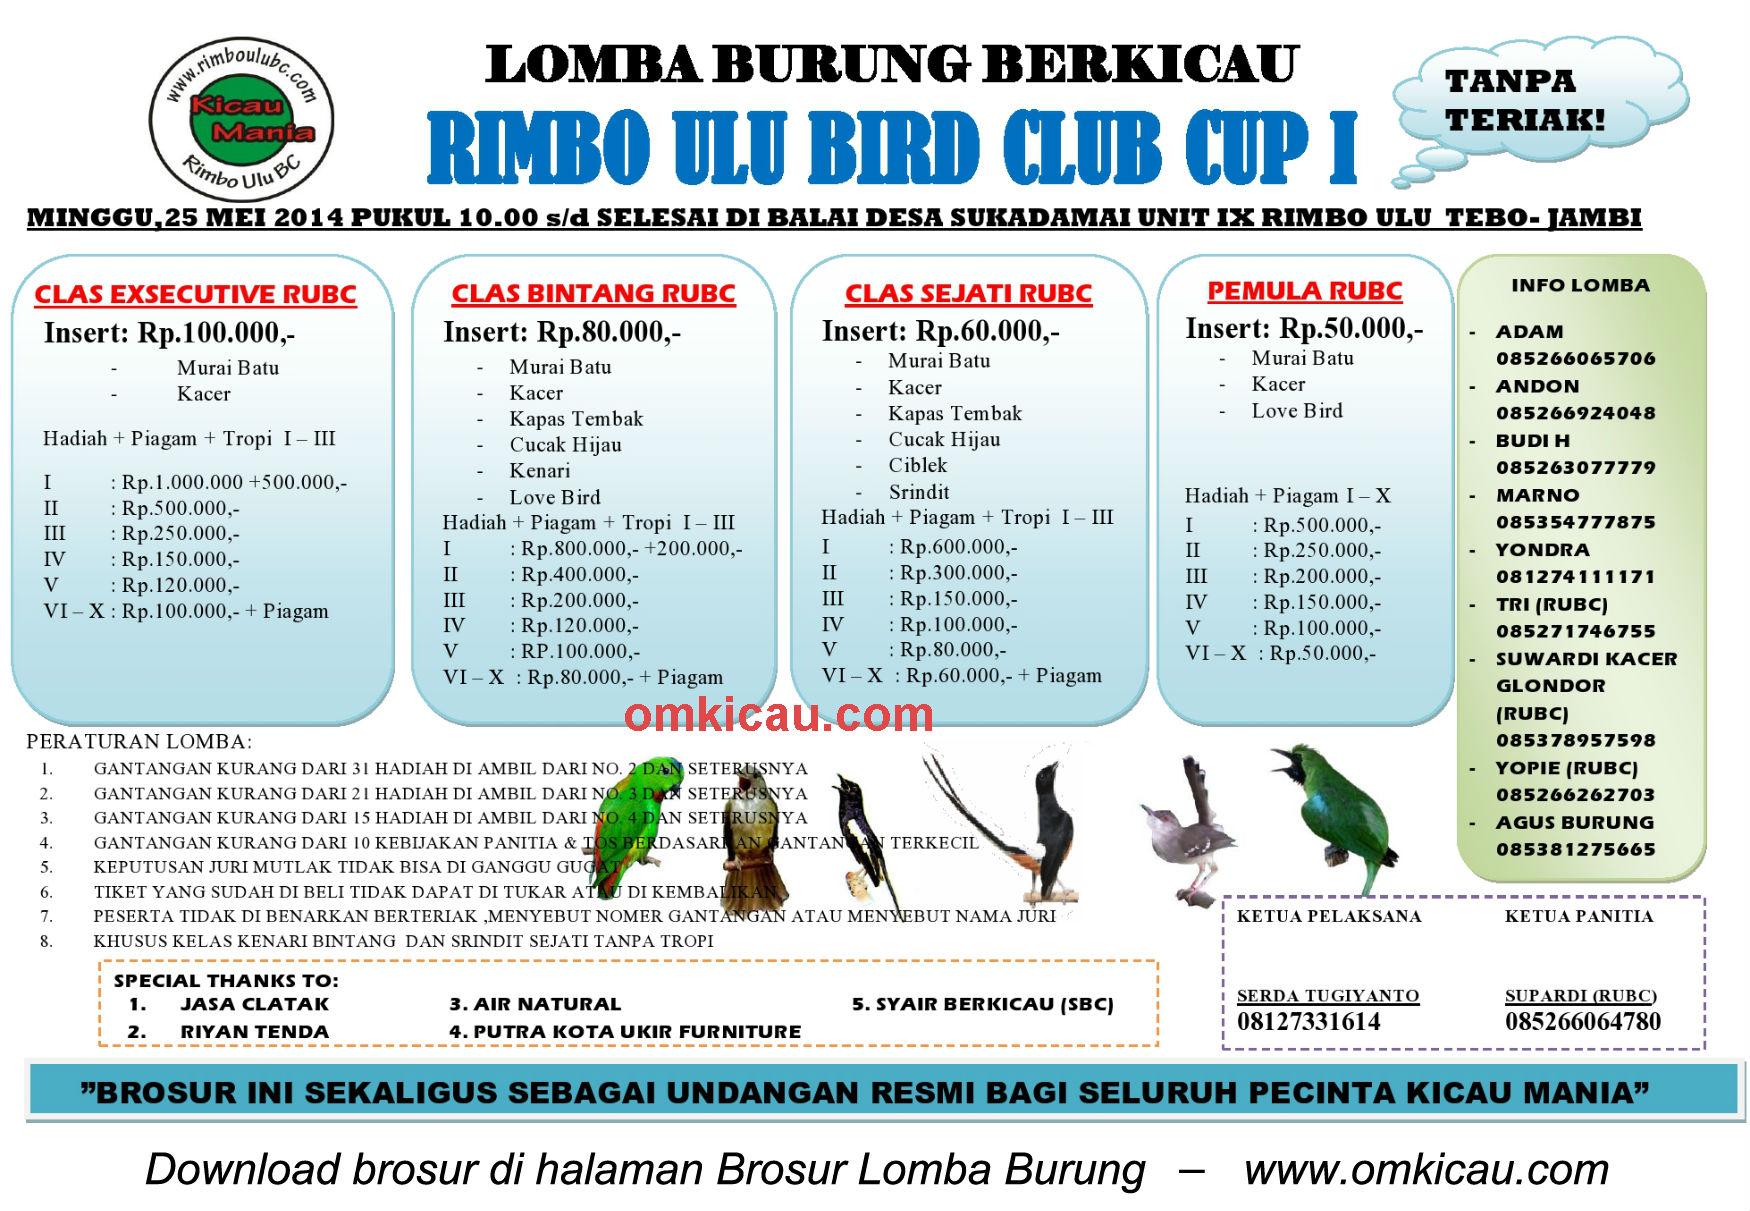 Brosur Lomba Burung Berkicau Rimbo Ulu BC Cup I - Jambi, 25 Mei 2014